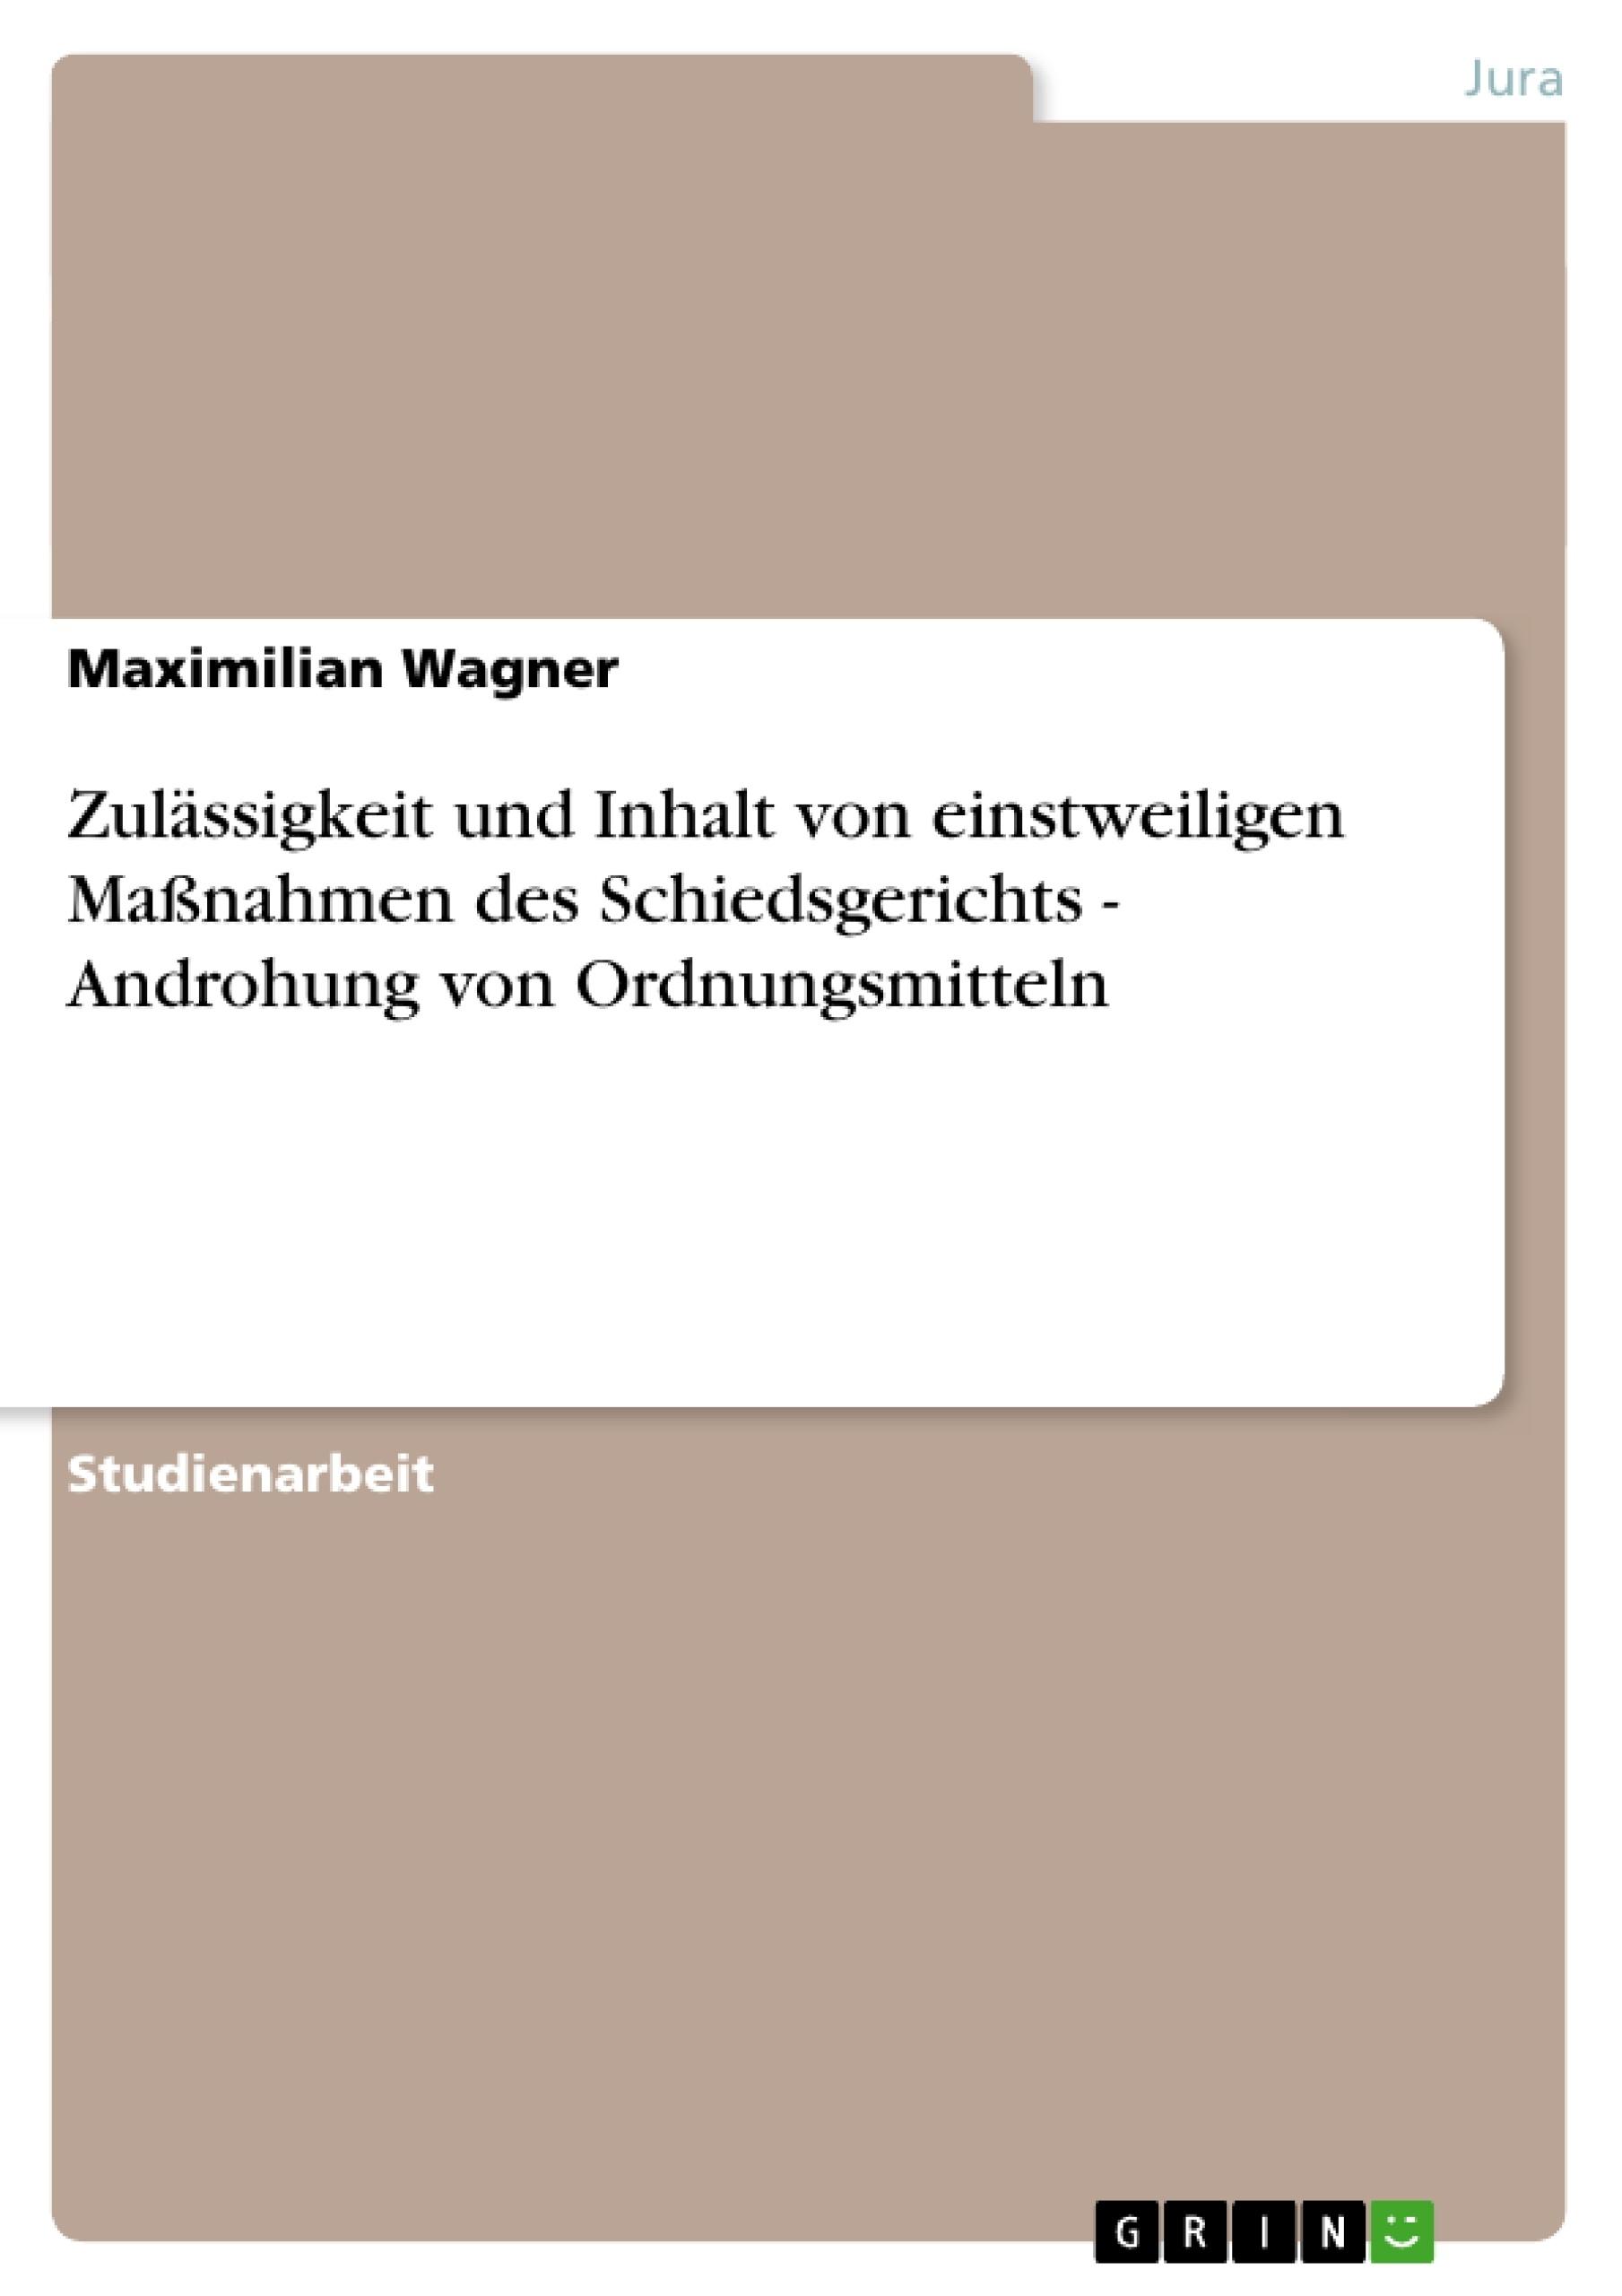 Titel: Zulässigkeit und Inhalt von einstweiligen Maßnahmen des Schiedsgerichts - Androhung von Ordnungsmitteln